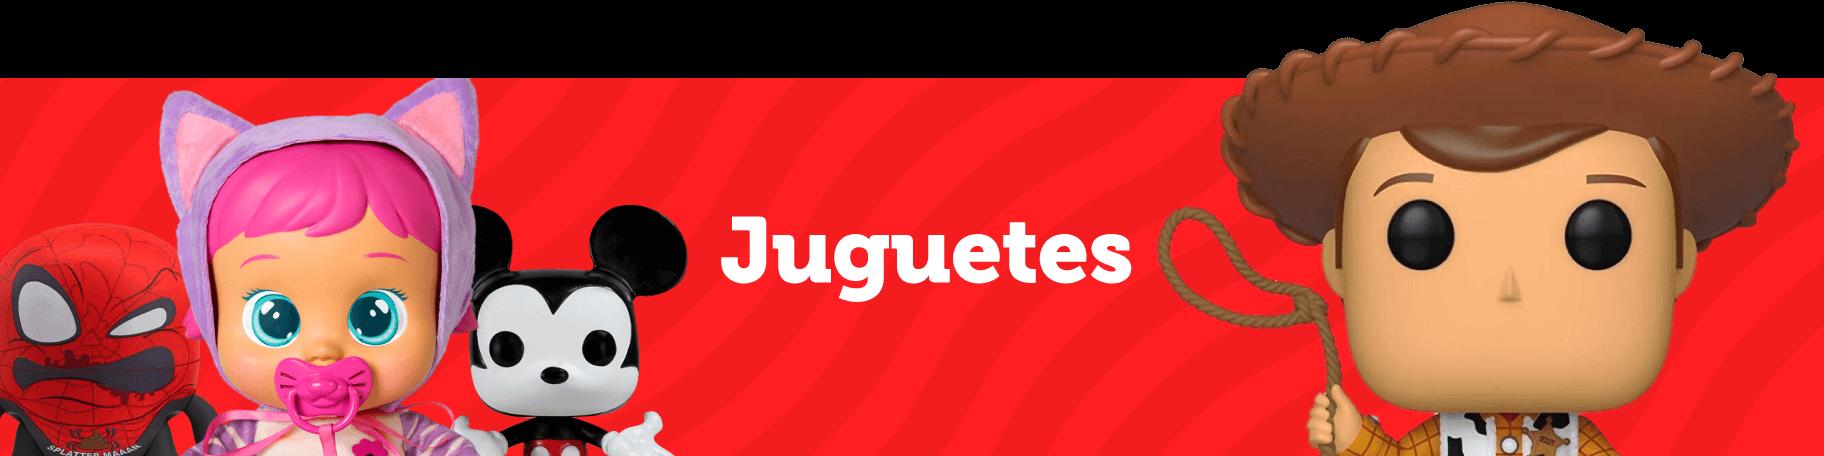 Banners categoría Desktop